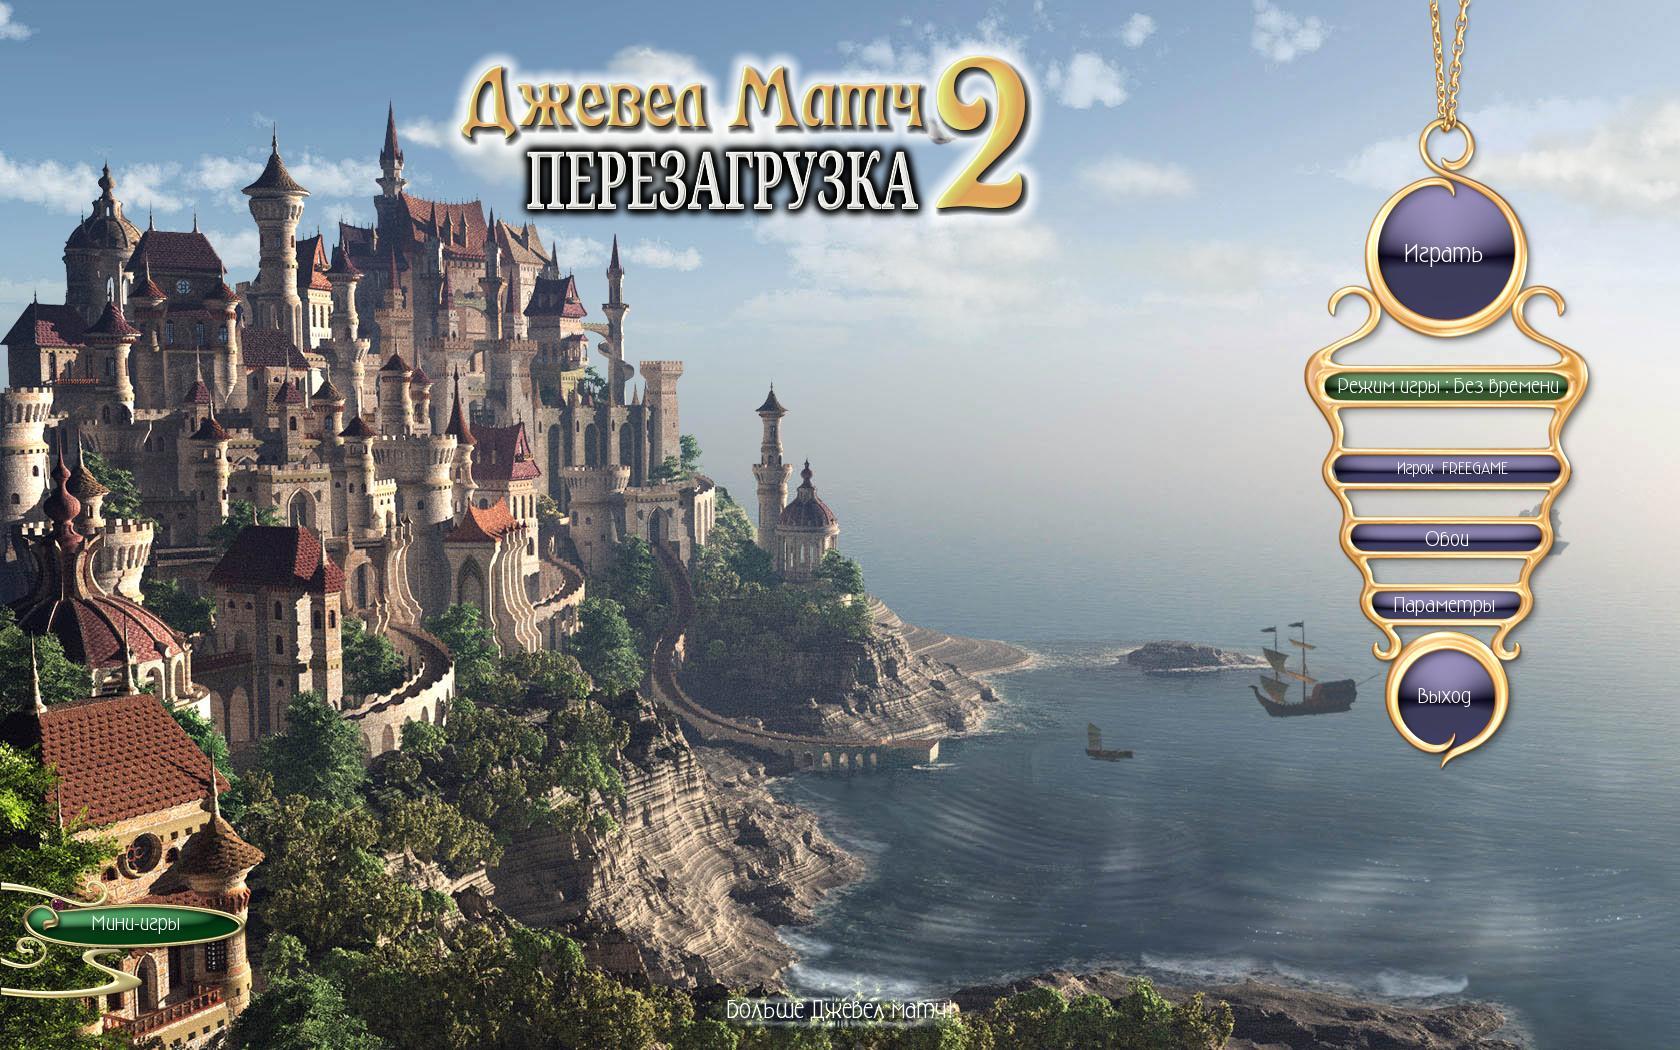 Джевел Матч 2: Перезагрузка | Jewel Match 2: Reloaded (Rus)